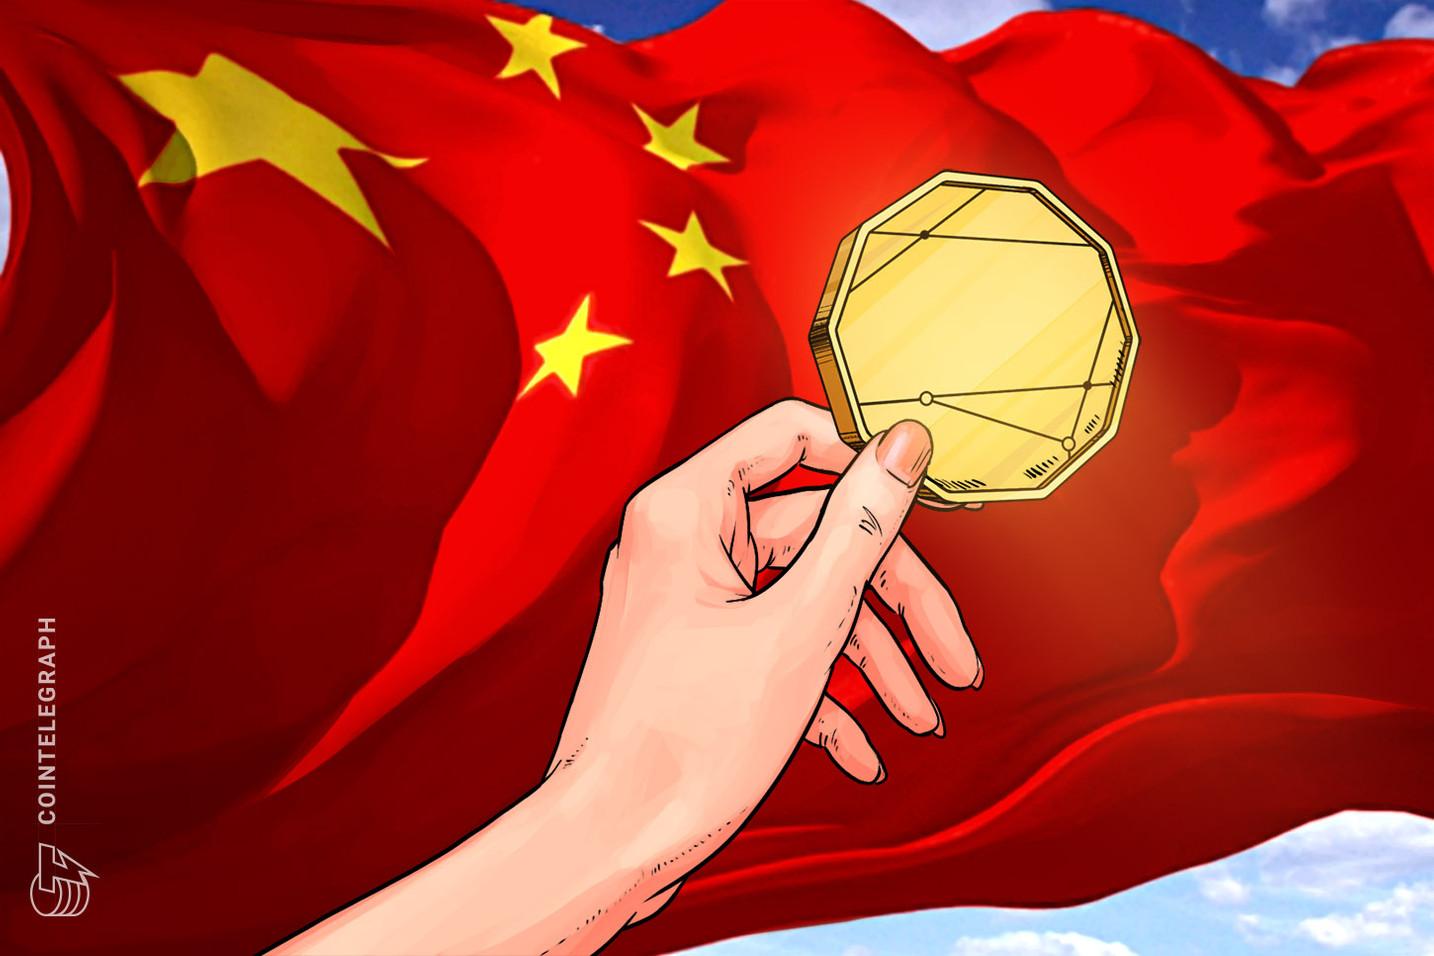 Huobi folgt Regierungslinie und gründet interne Zelle der Kommunistischen Partei